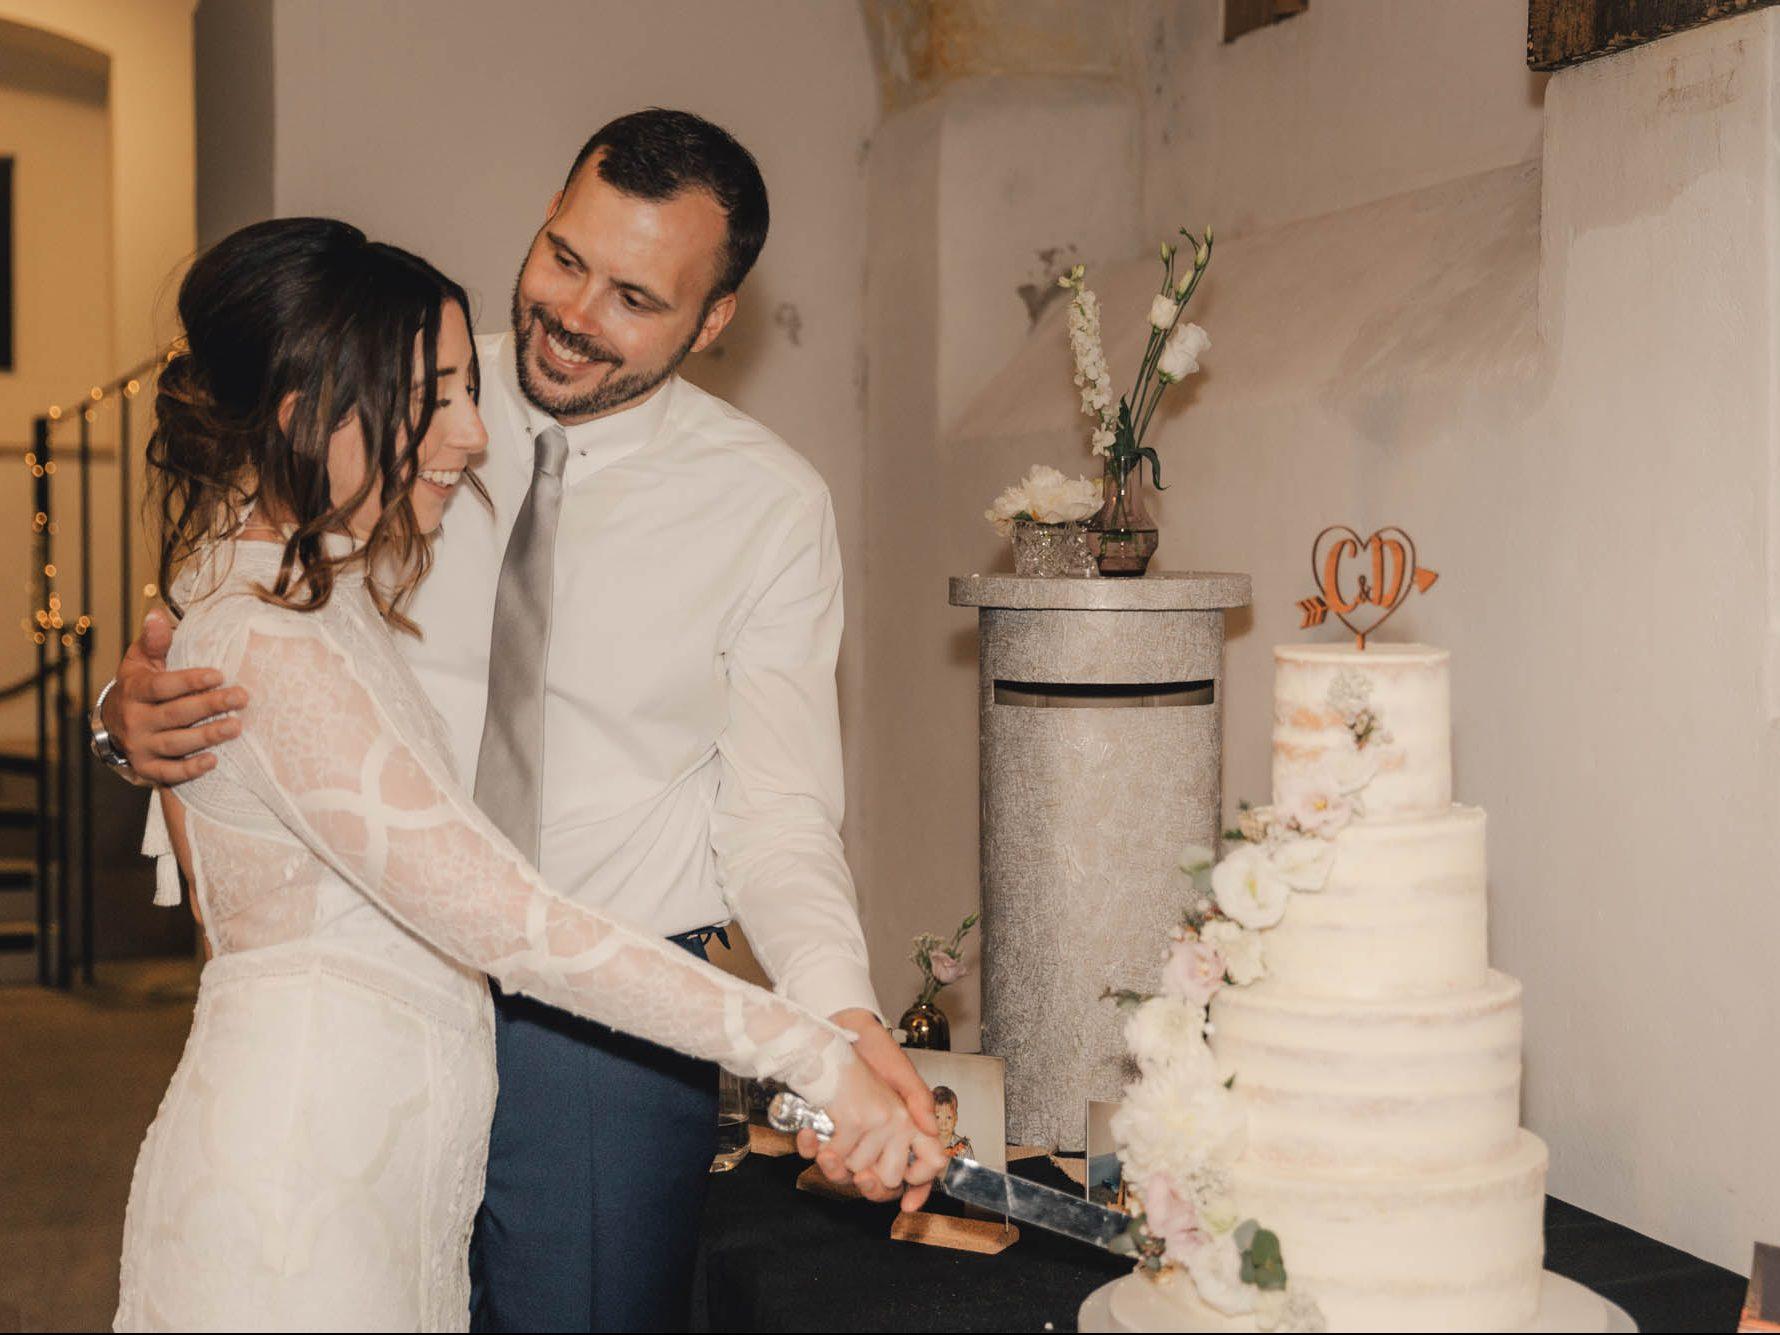 Cutting the cake semi naked wedding cake london wedding